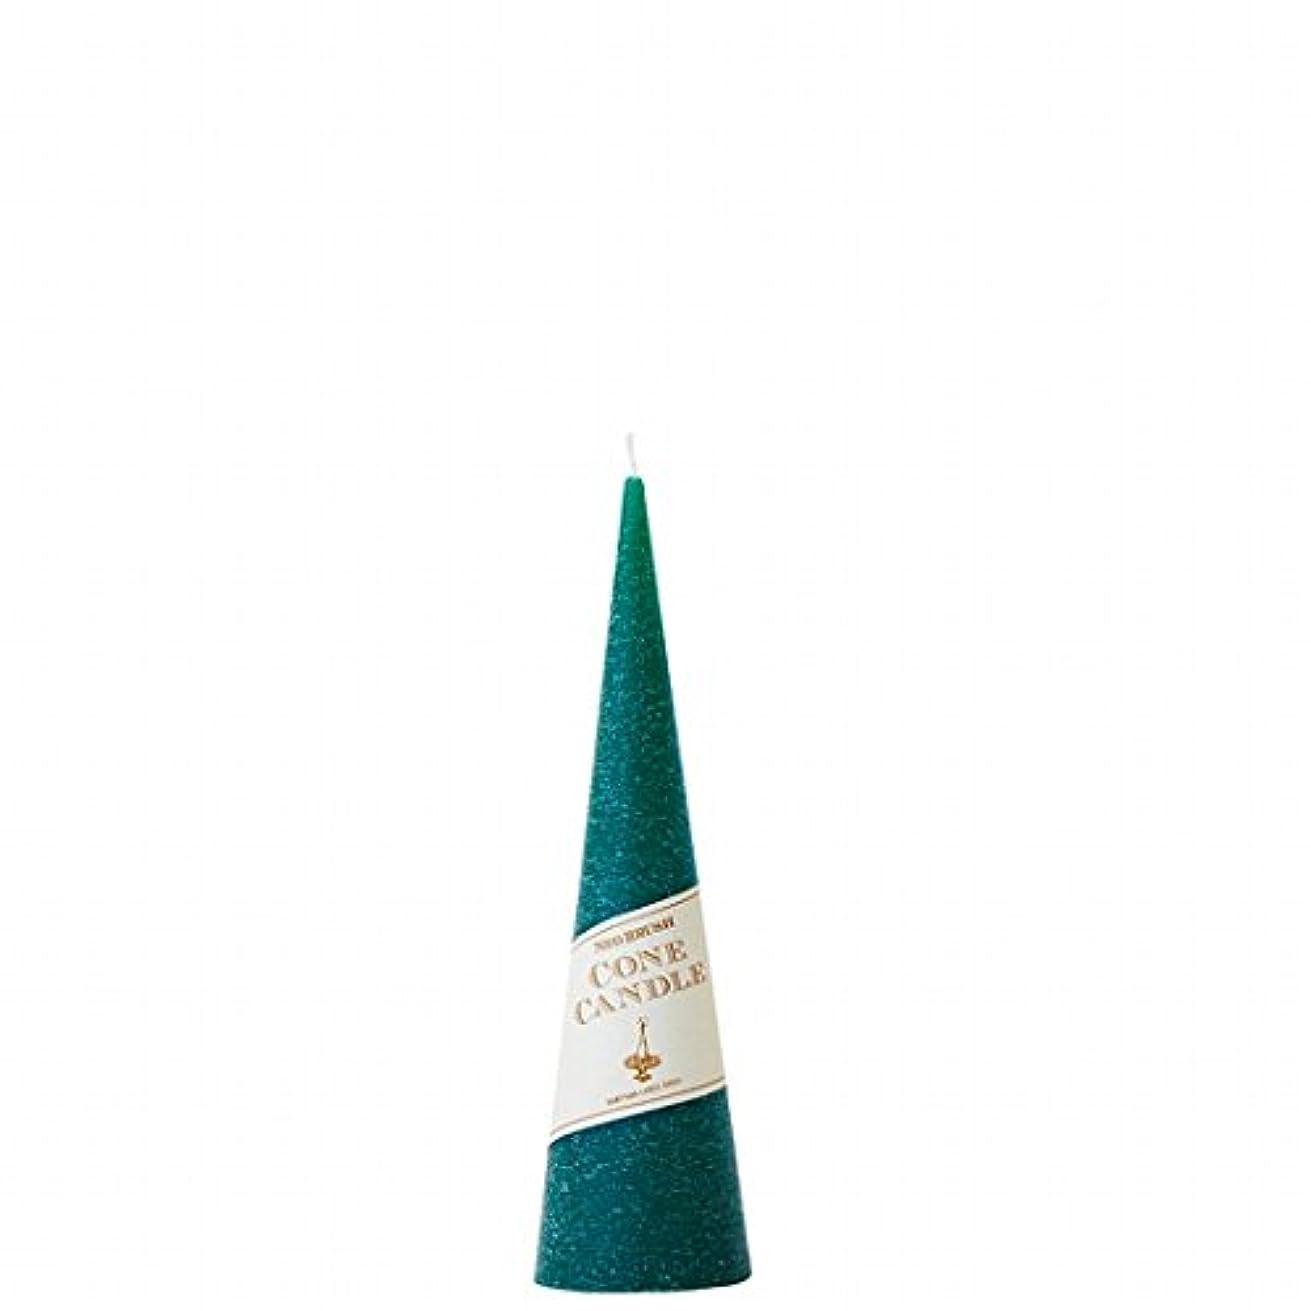 抽選詩八百屋カメヤマキャンドル(kameyama candle) ネオブラッシュコーン 180 キャンドル 「 グリーン 」